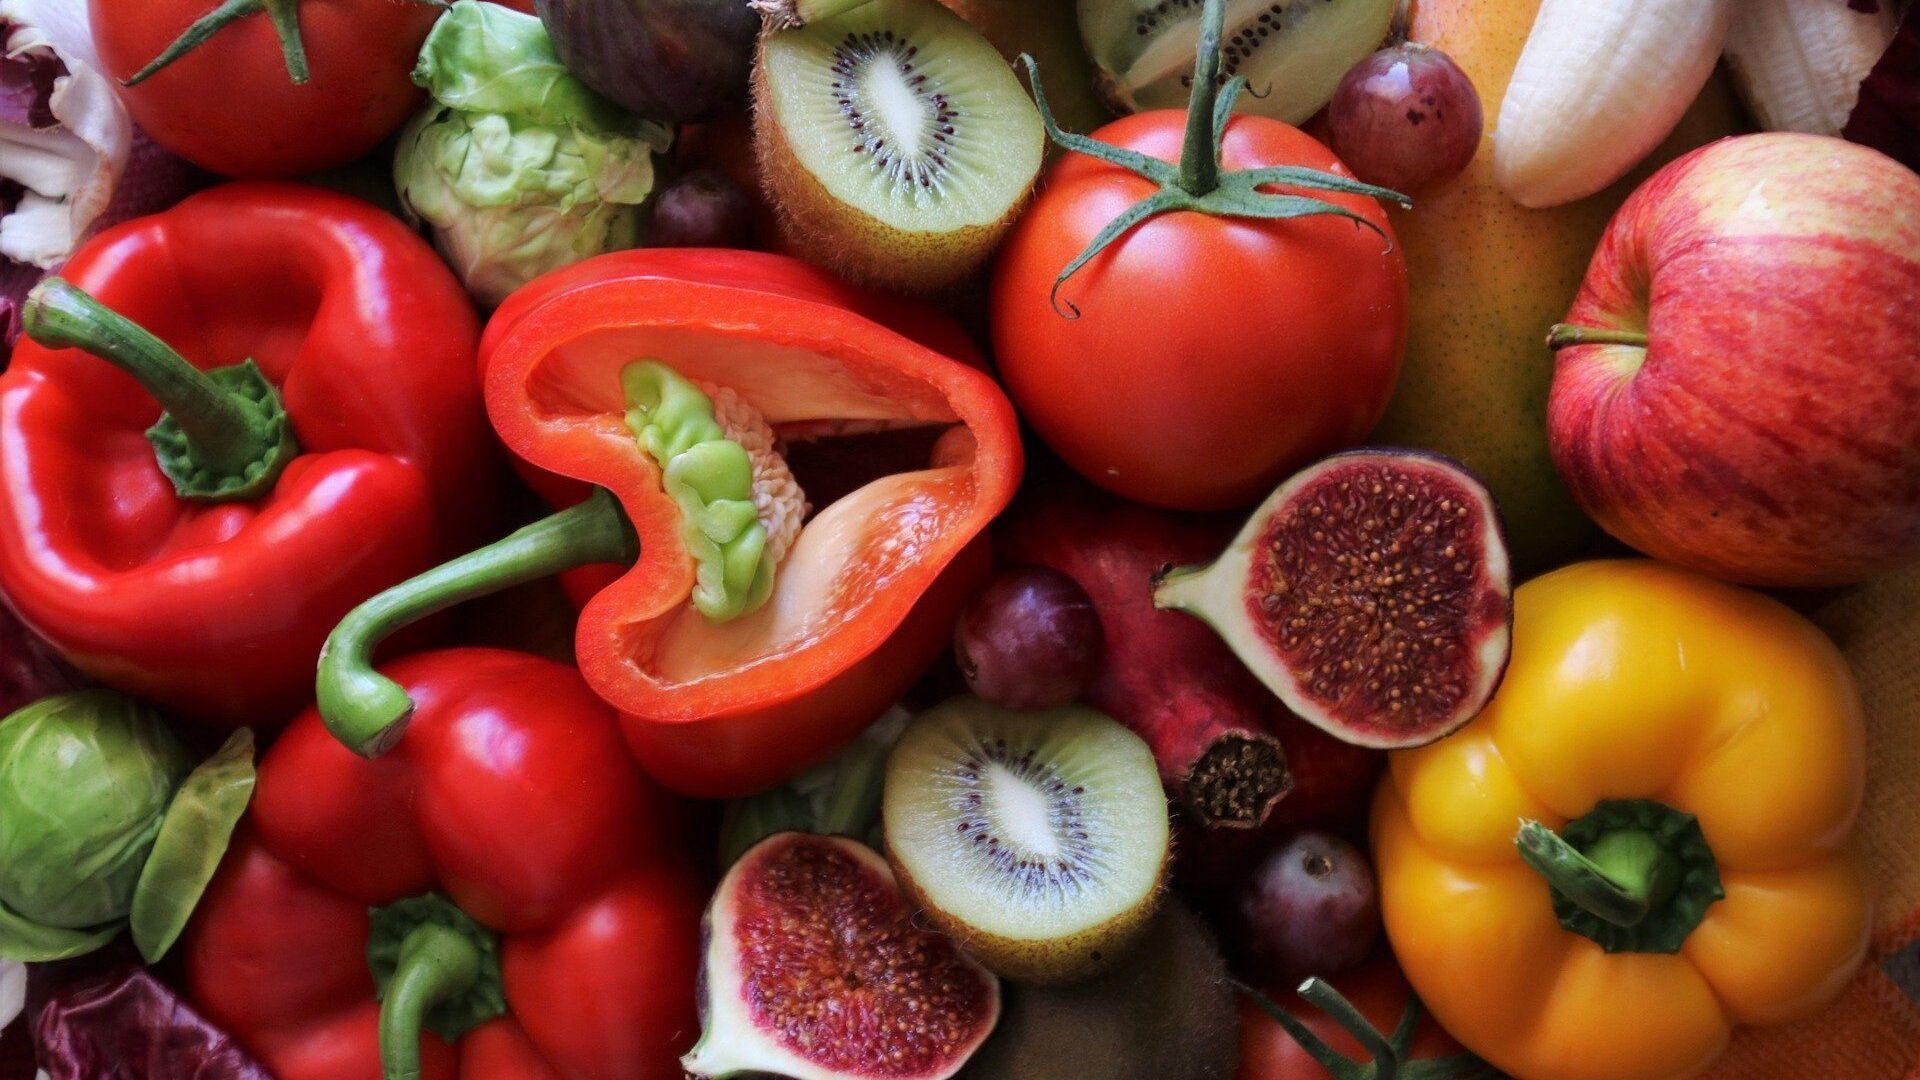 Frutas y verduras (imagen referencial) - Sputnik Mundo, 1920, 18.09.2021